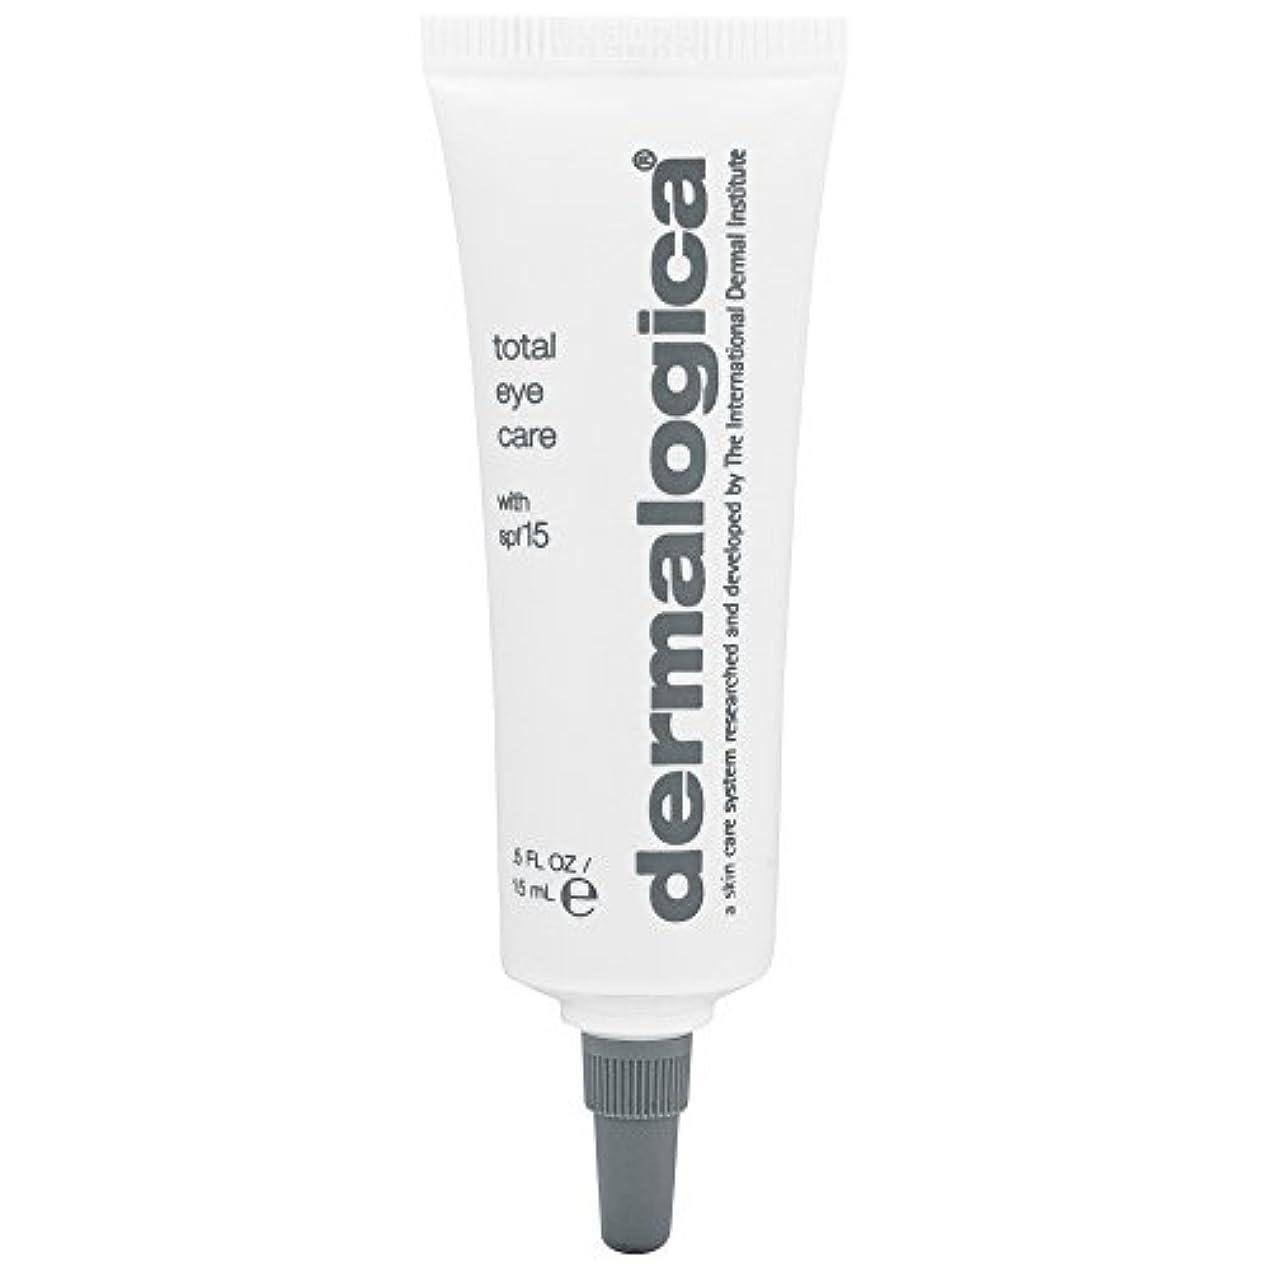 ディプロマ残基アトミックダーマロジカ総目のケアSpf 15 15ミリリットル (Dermalogica) - Dermalogica Total Eye Care SPF 15 15ml [並行輸入品]